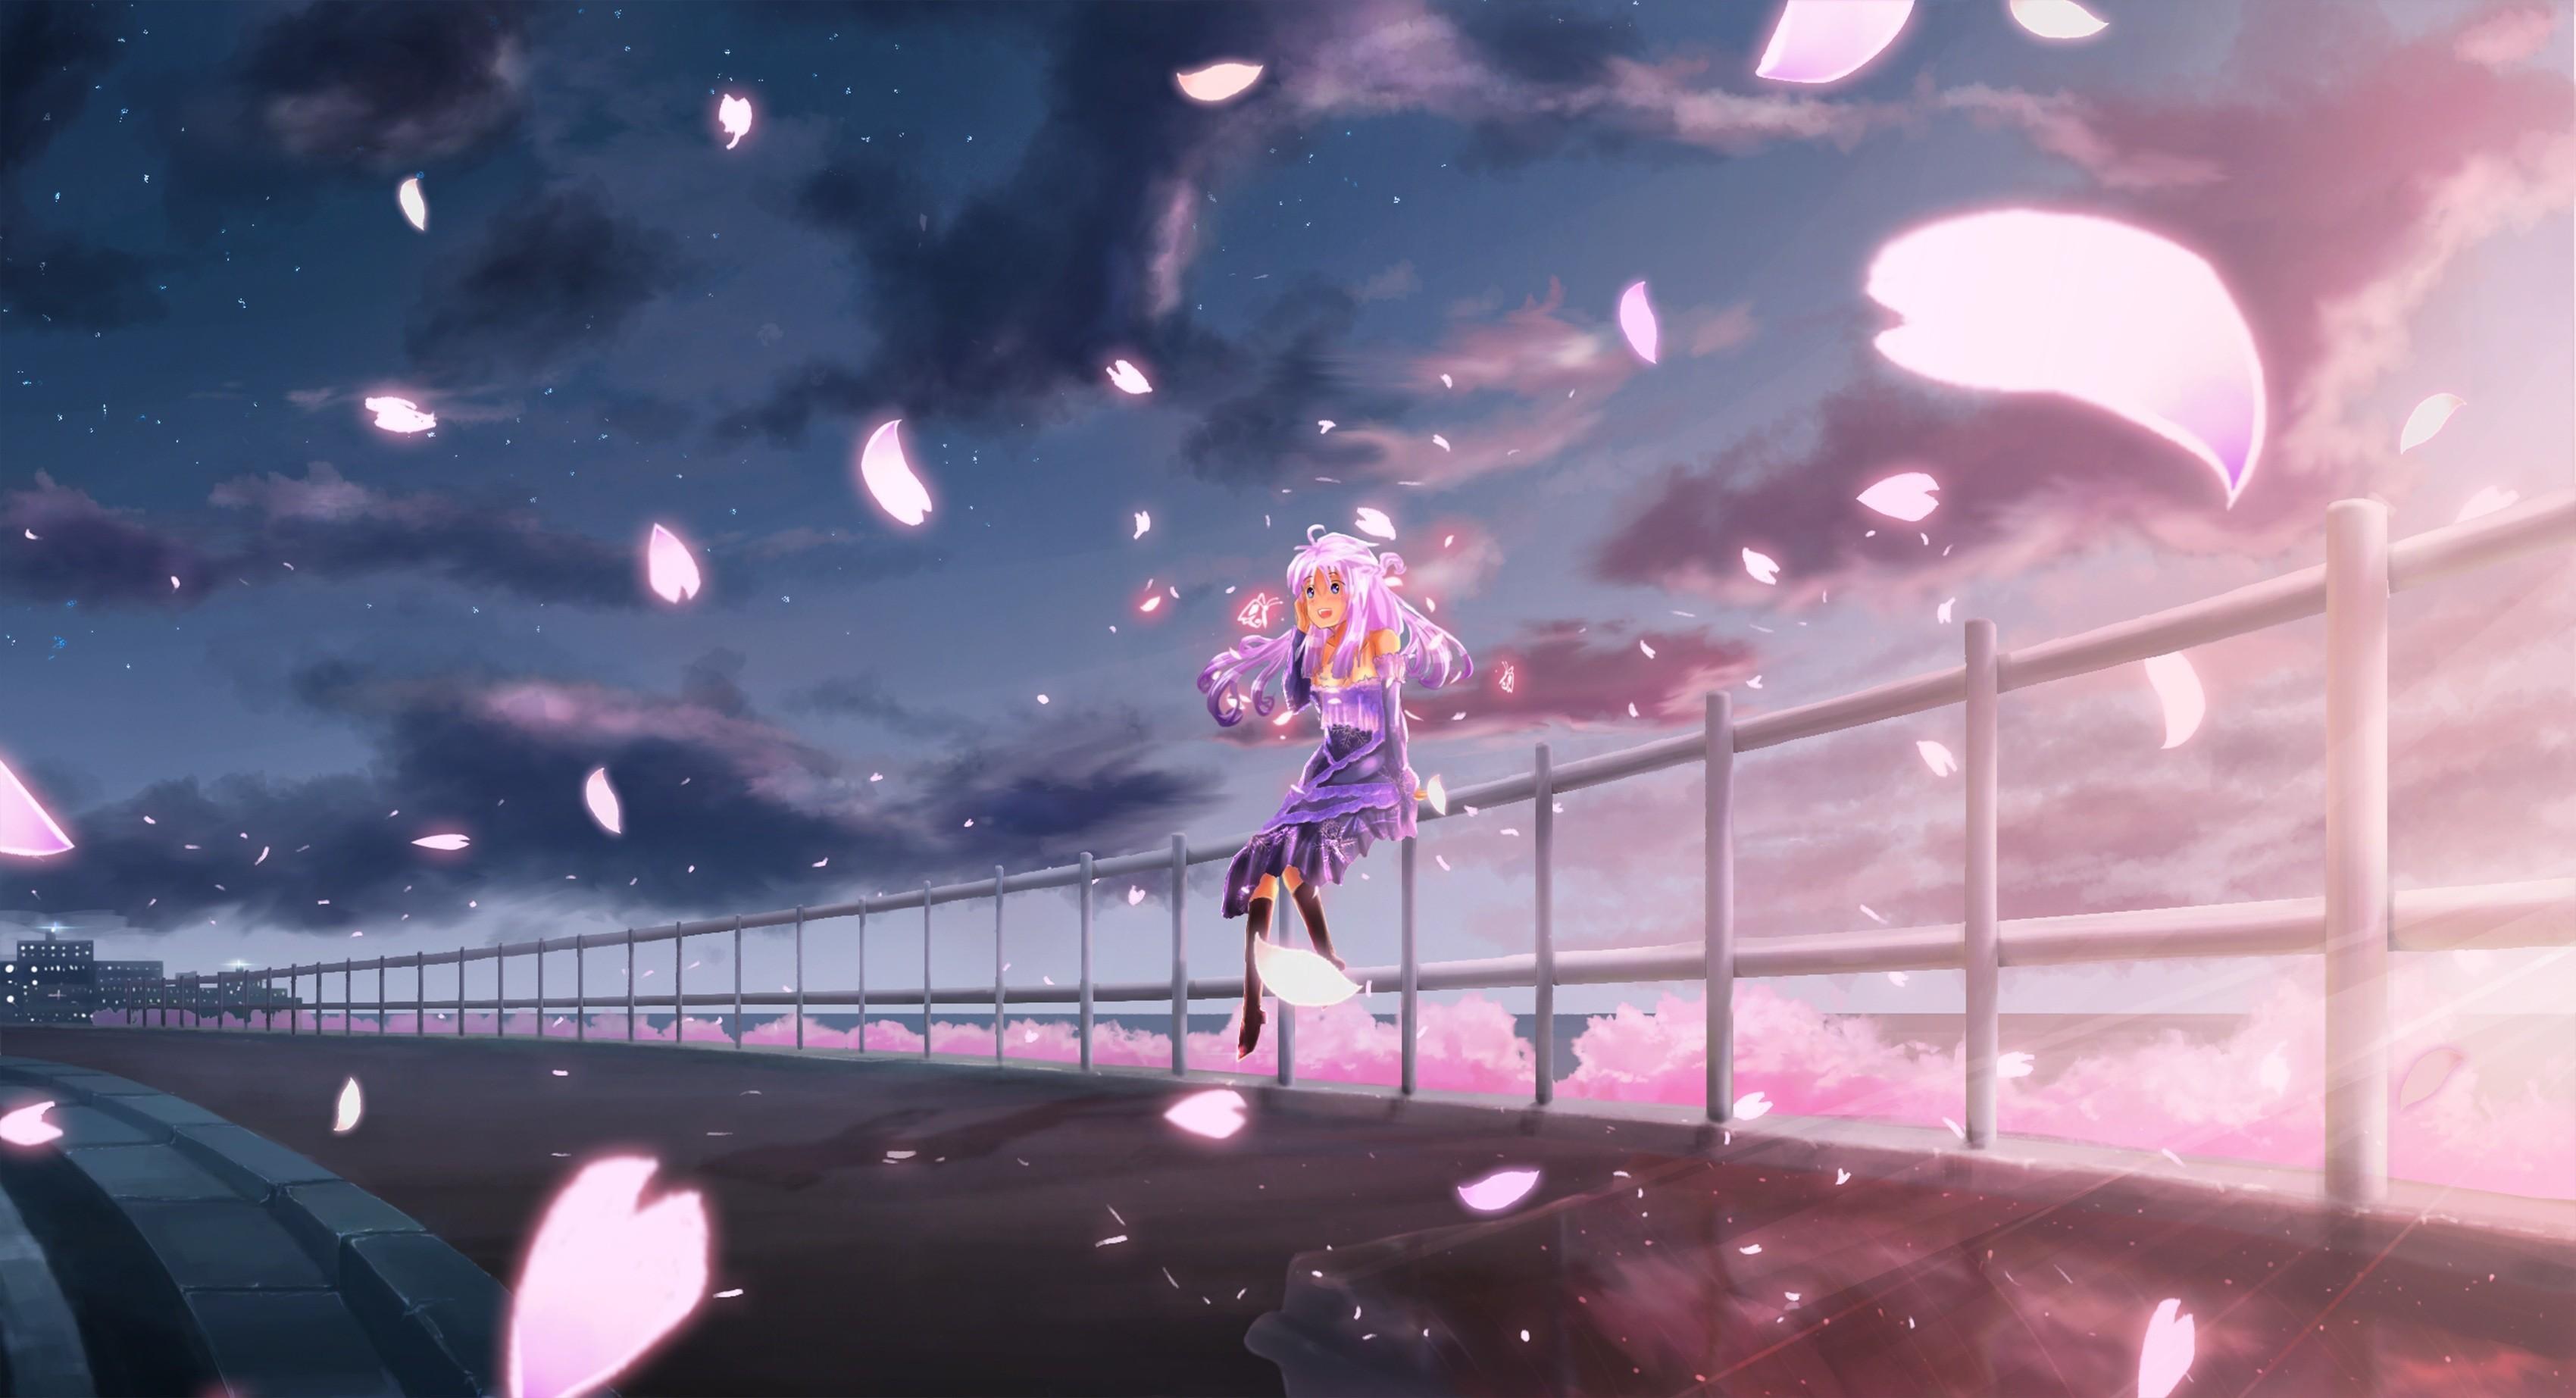 Anime cherry blossom sky clouds anime girls long hair anime